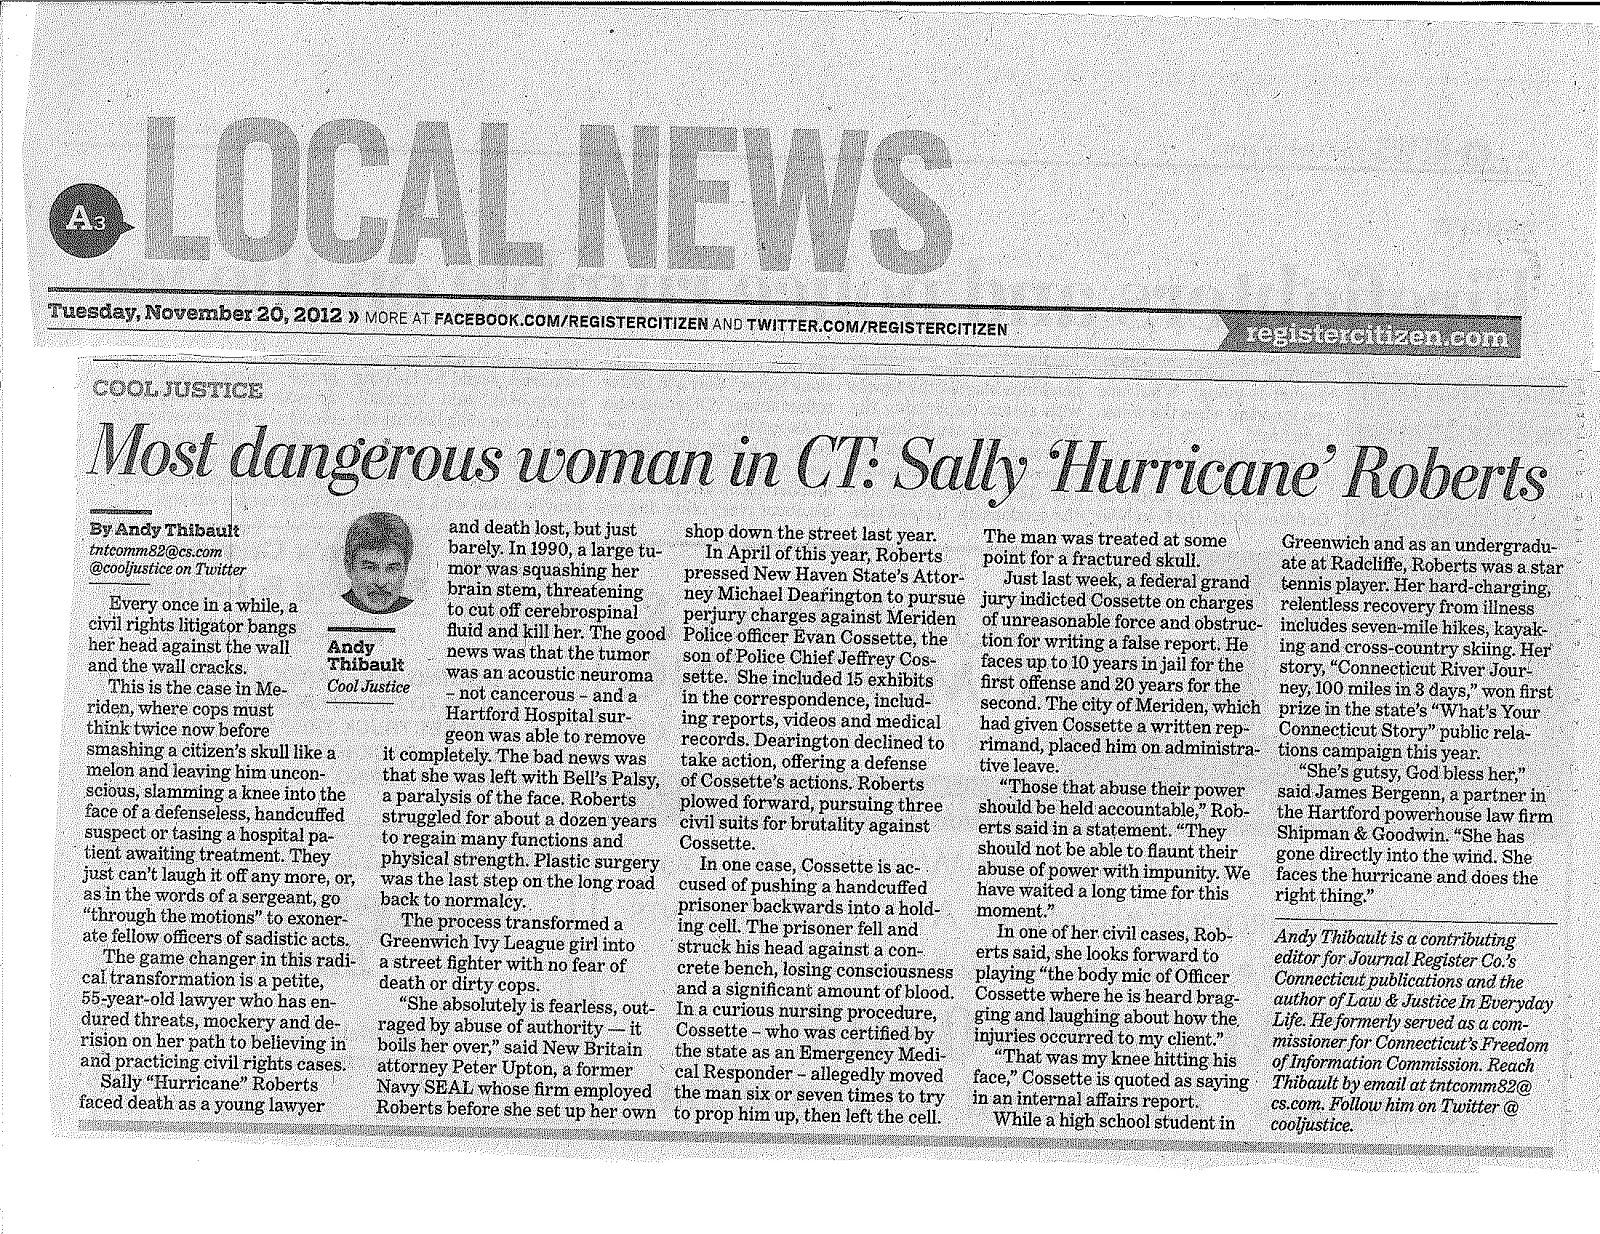 http://1.bp.blogspot.com/-hmpaAwsLxMQ/UMTFqrYzS6I/AAAAAAAAFs4/BUg8HK4LUOU/s1600/hurricane+column+jpeg.jpg